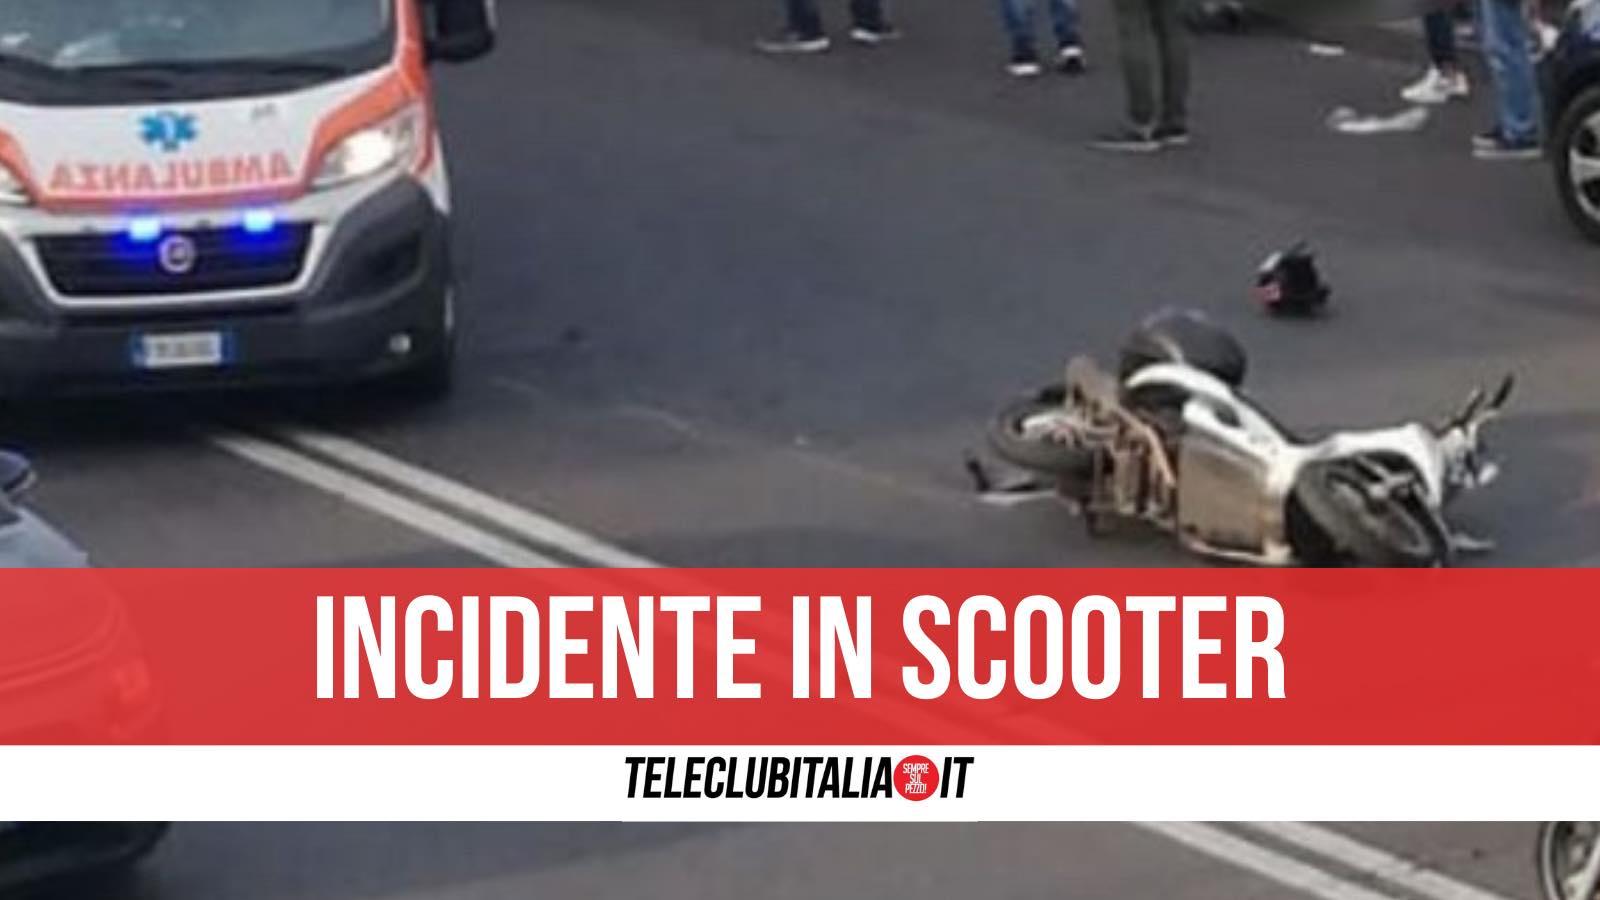 incidente ercolano morto scooter